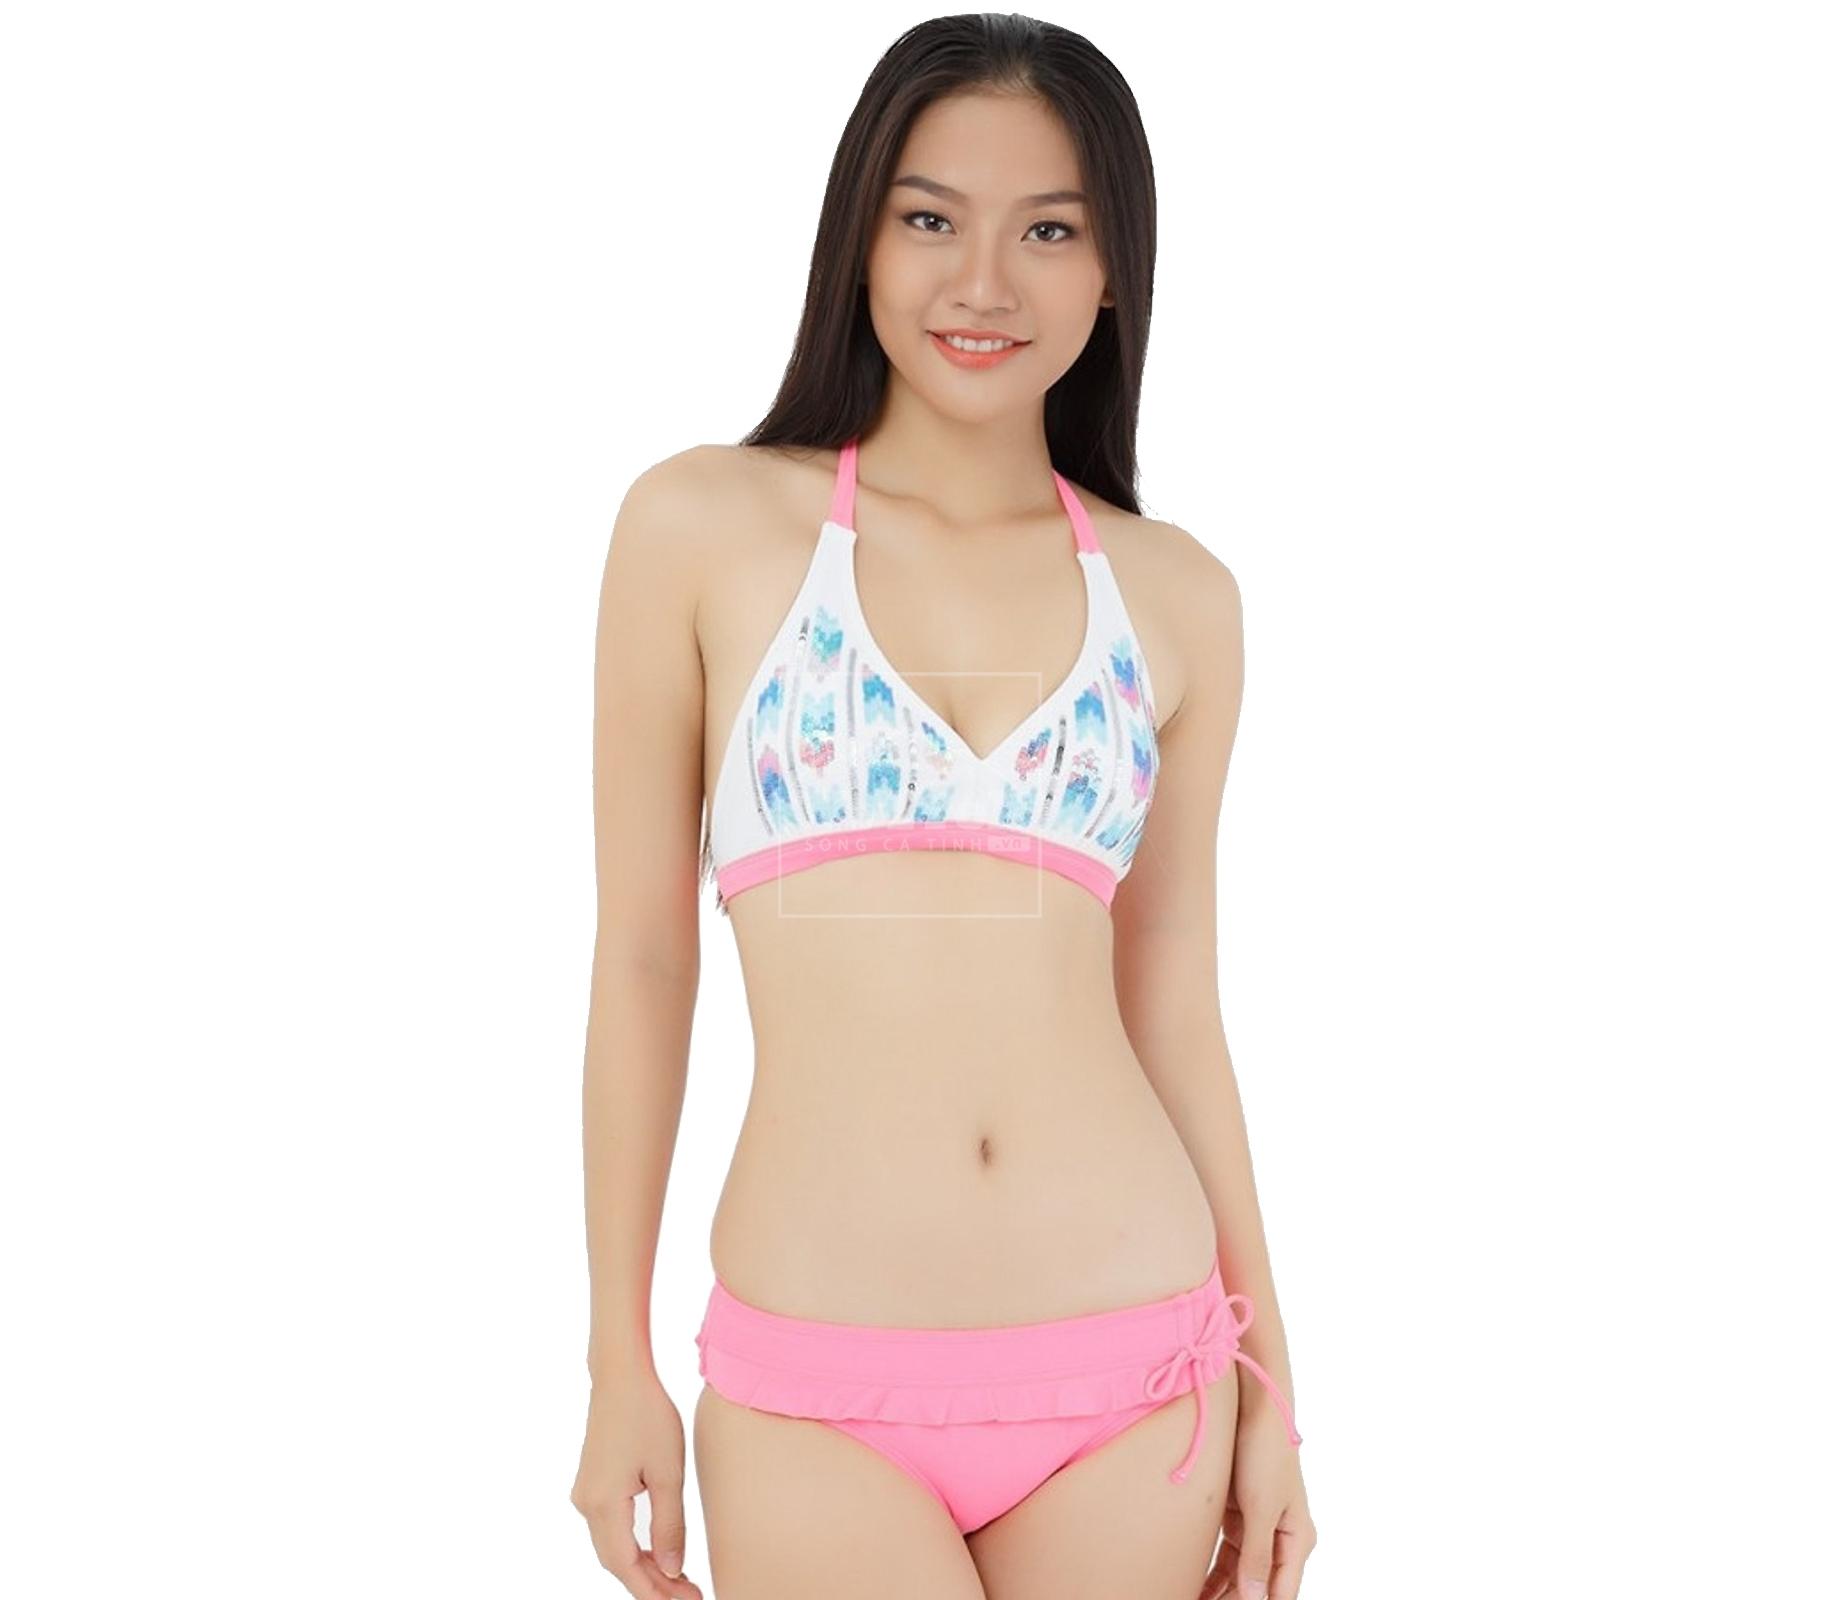 Đồ bơi nữ 2 mảnh đầm LHB 23056 - 6634